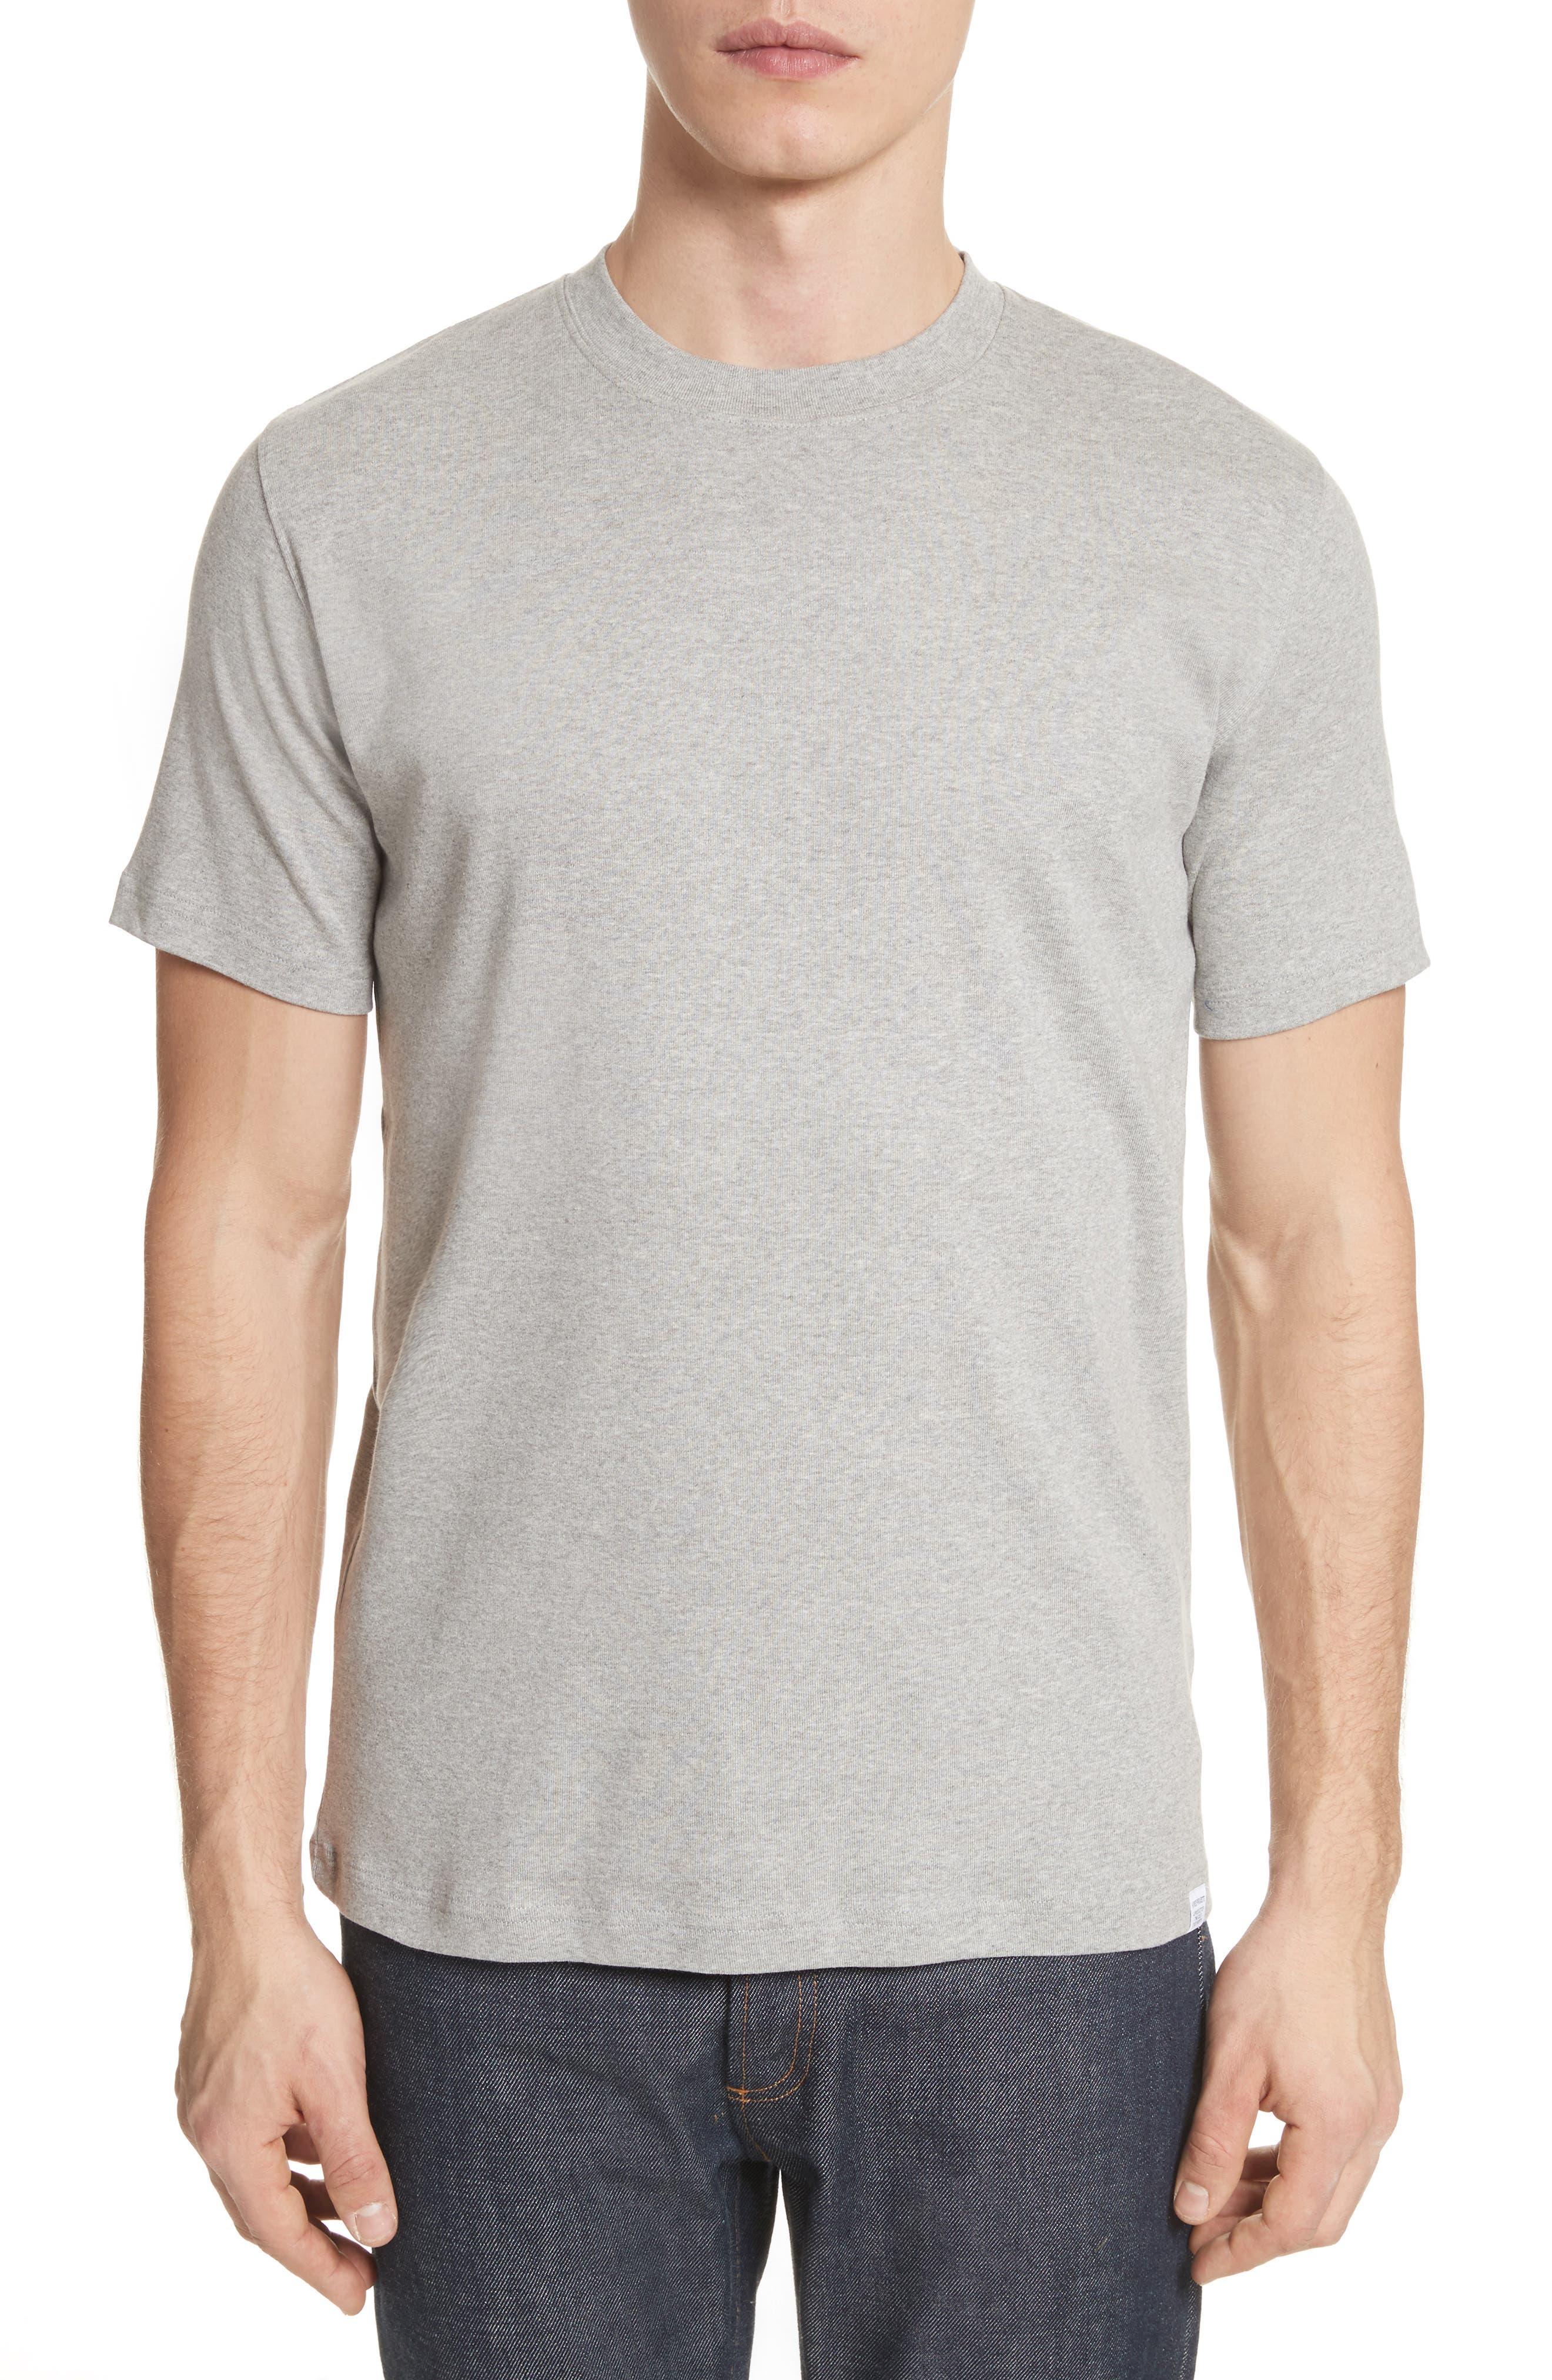 James T-Shirt,                         Main,                         color, 021